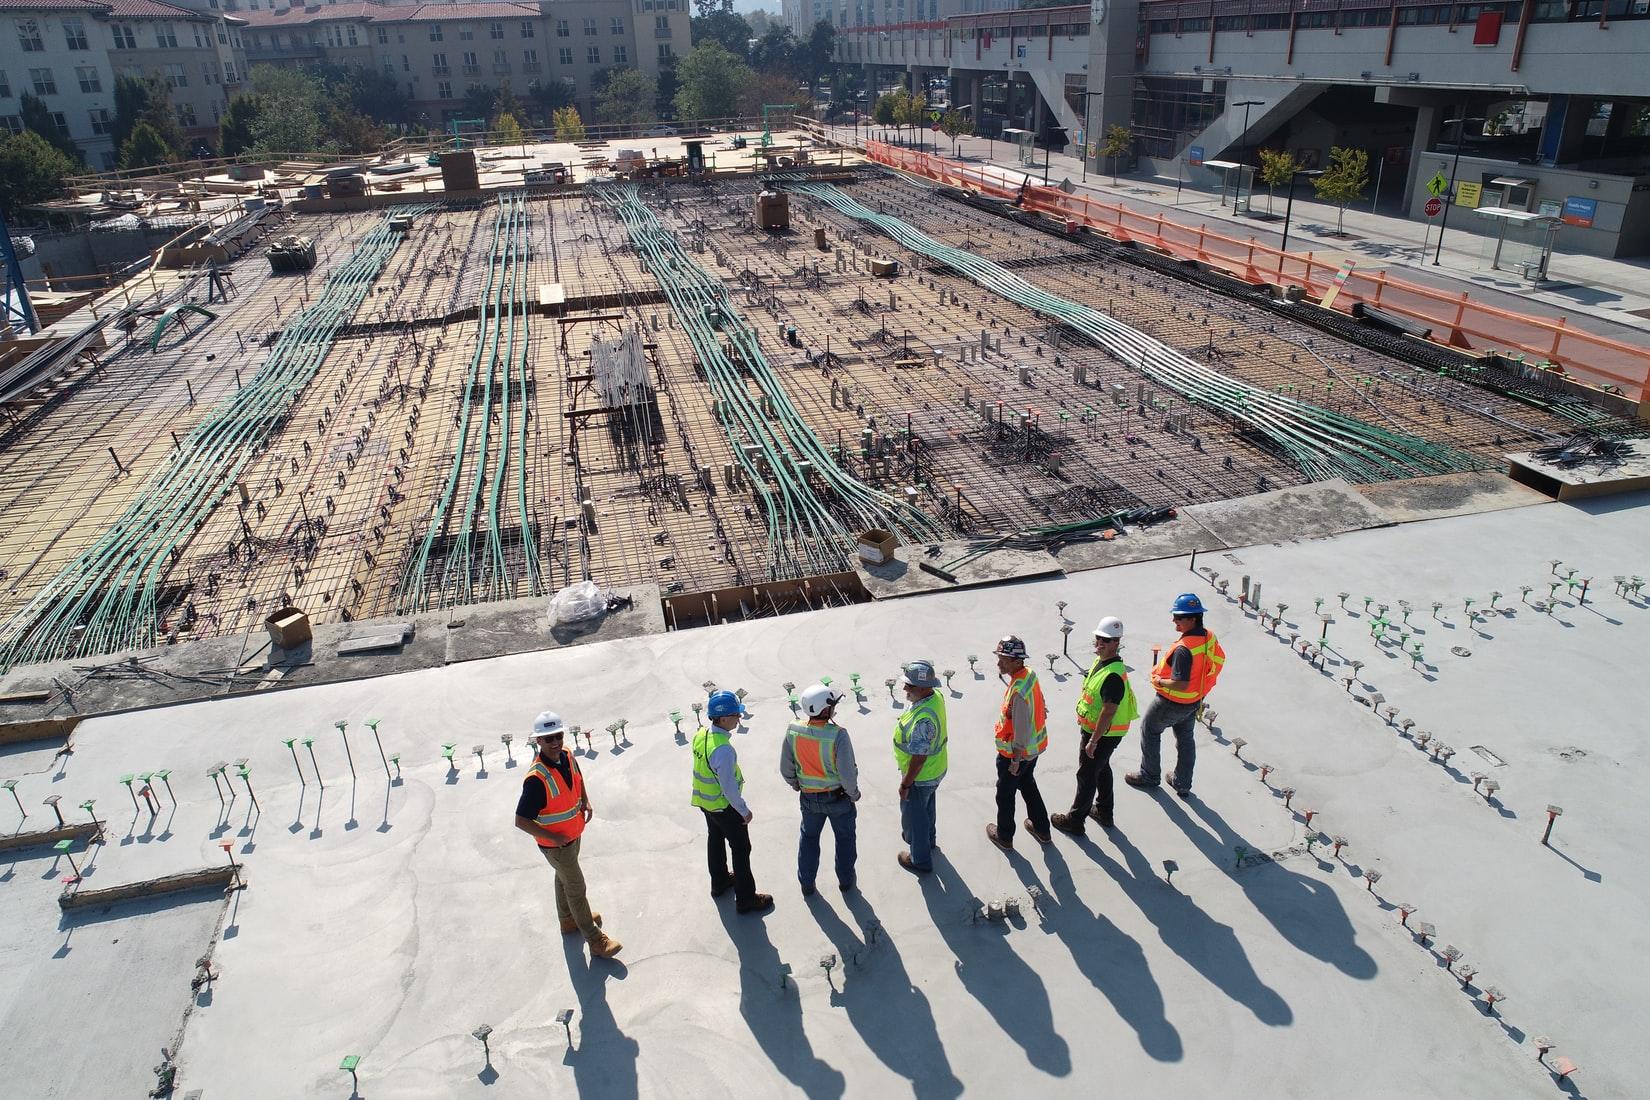 Egenkontroller, byggdagbok och mottagningskontroller – snart möjligt med nästa stora uppdatering